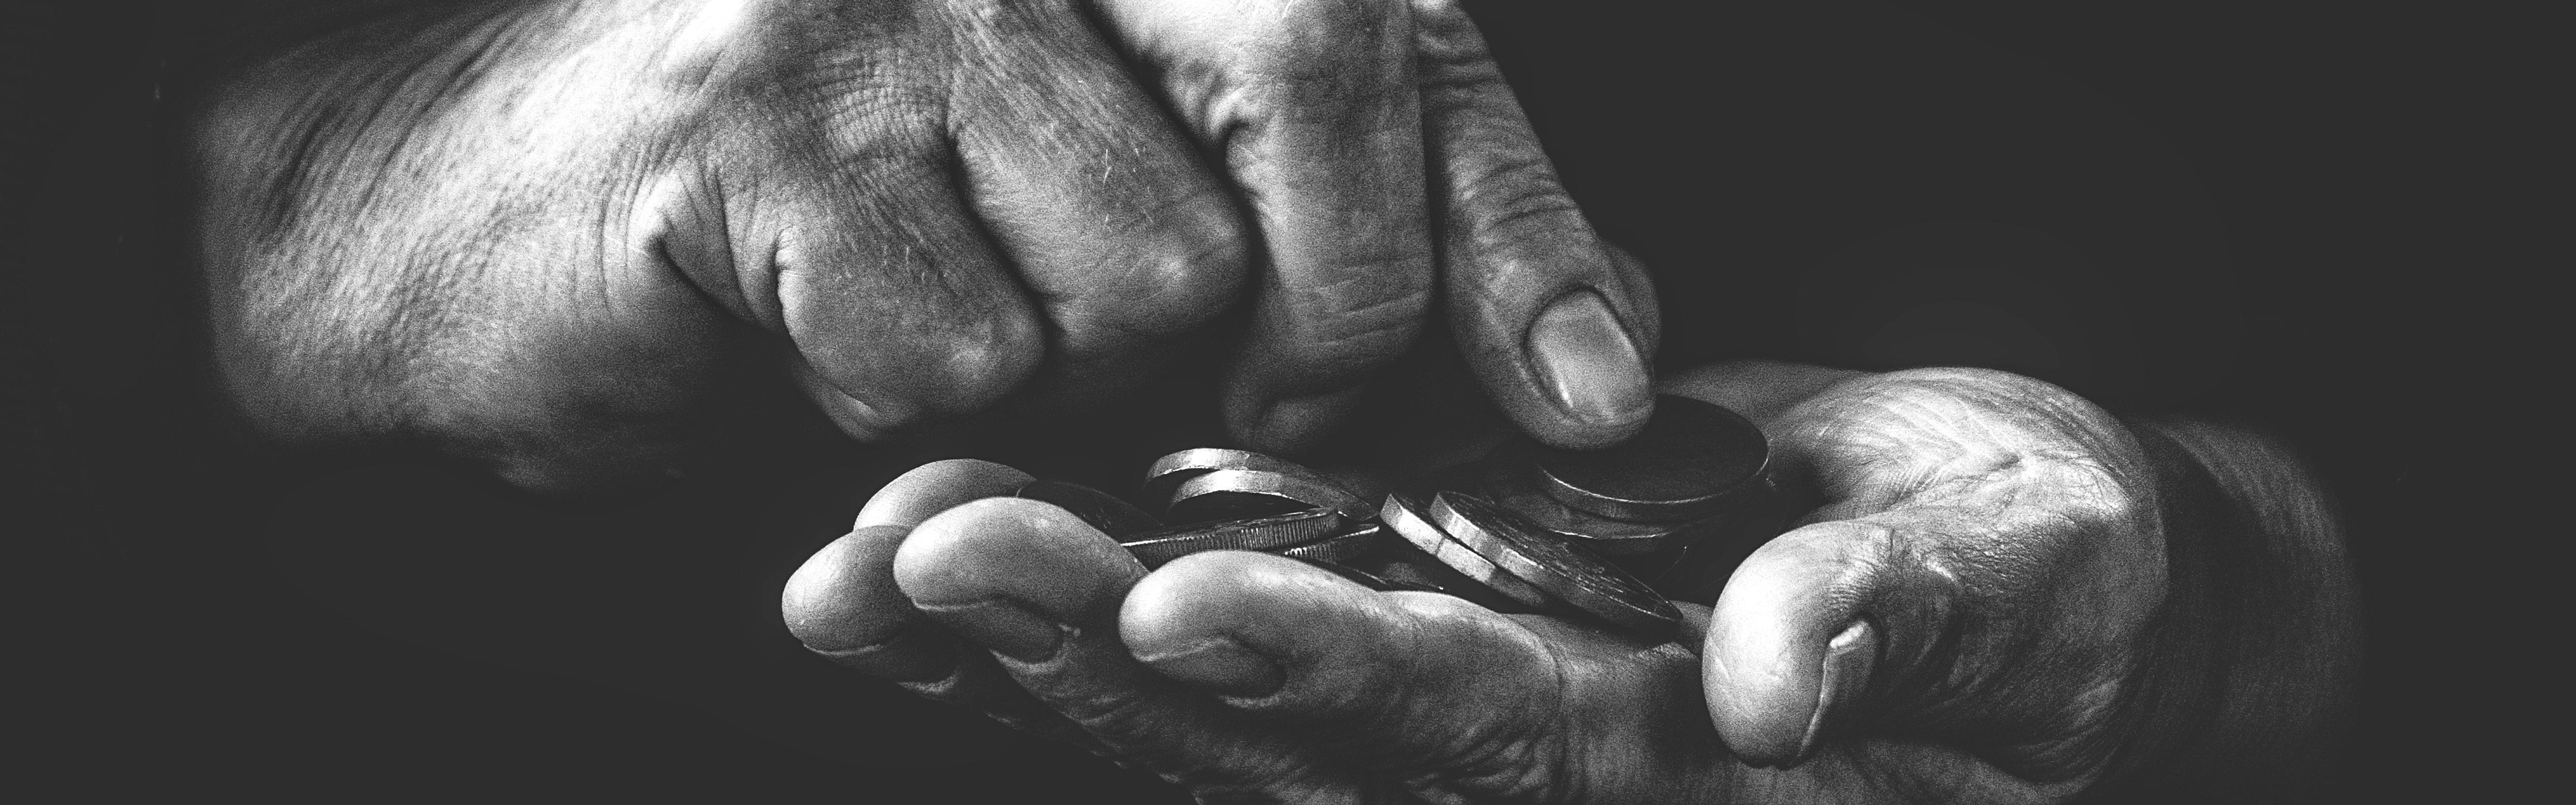 Postler mit Pensionsabschlägen bestraft